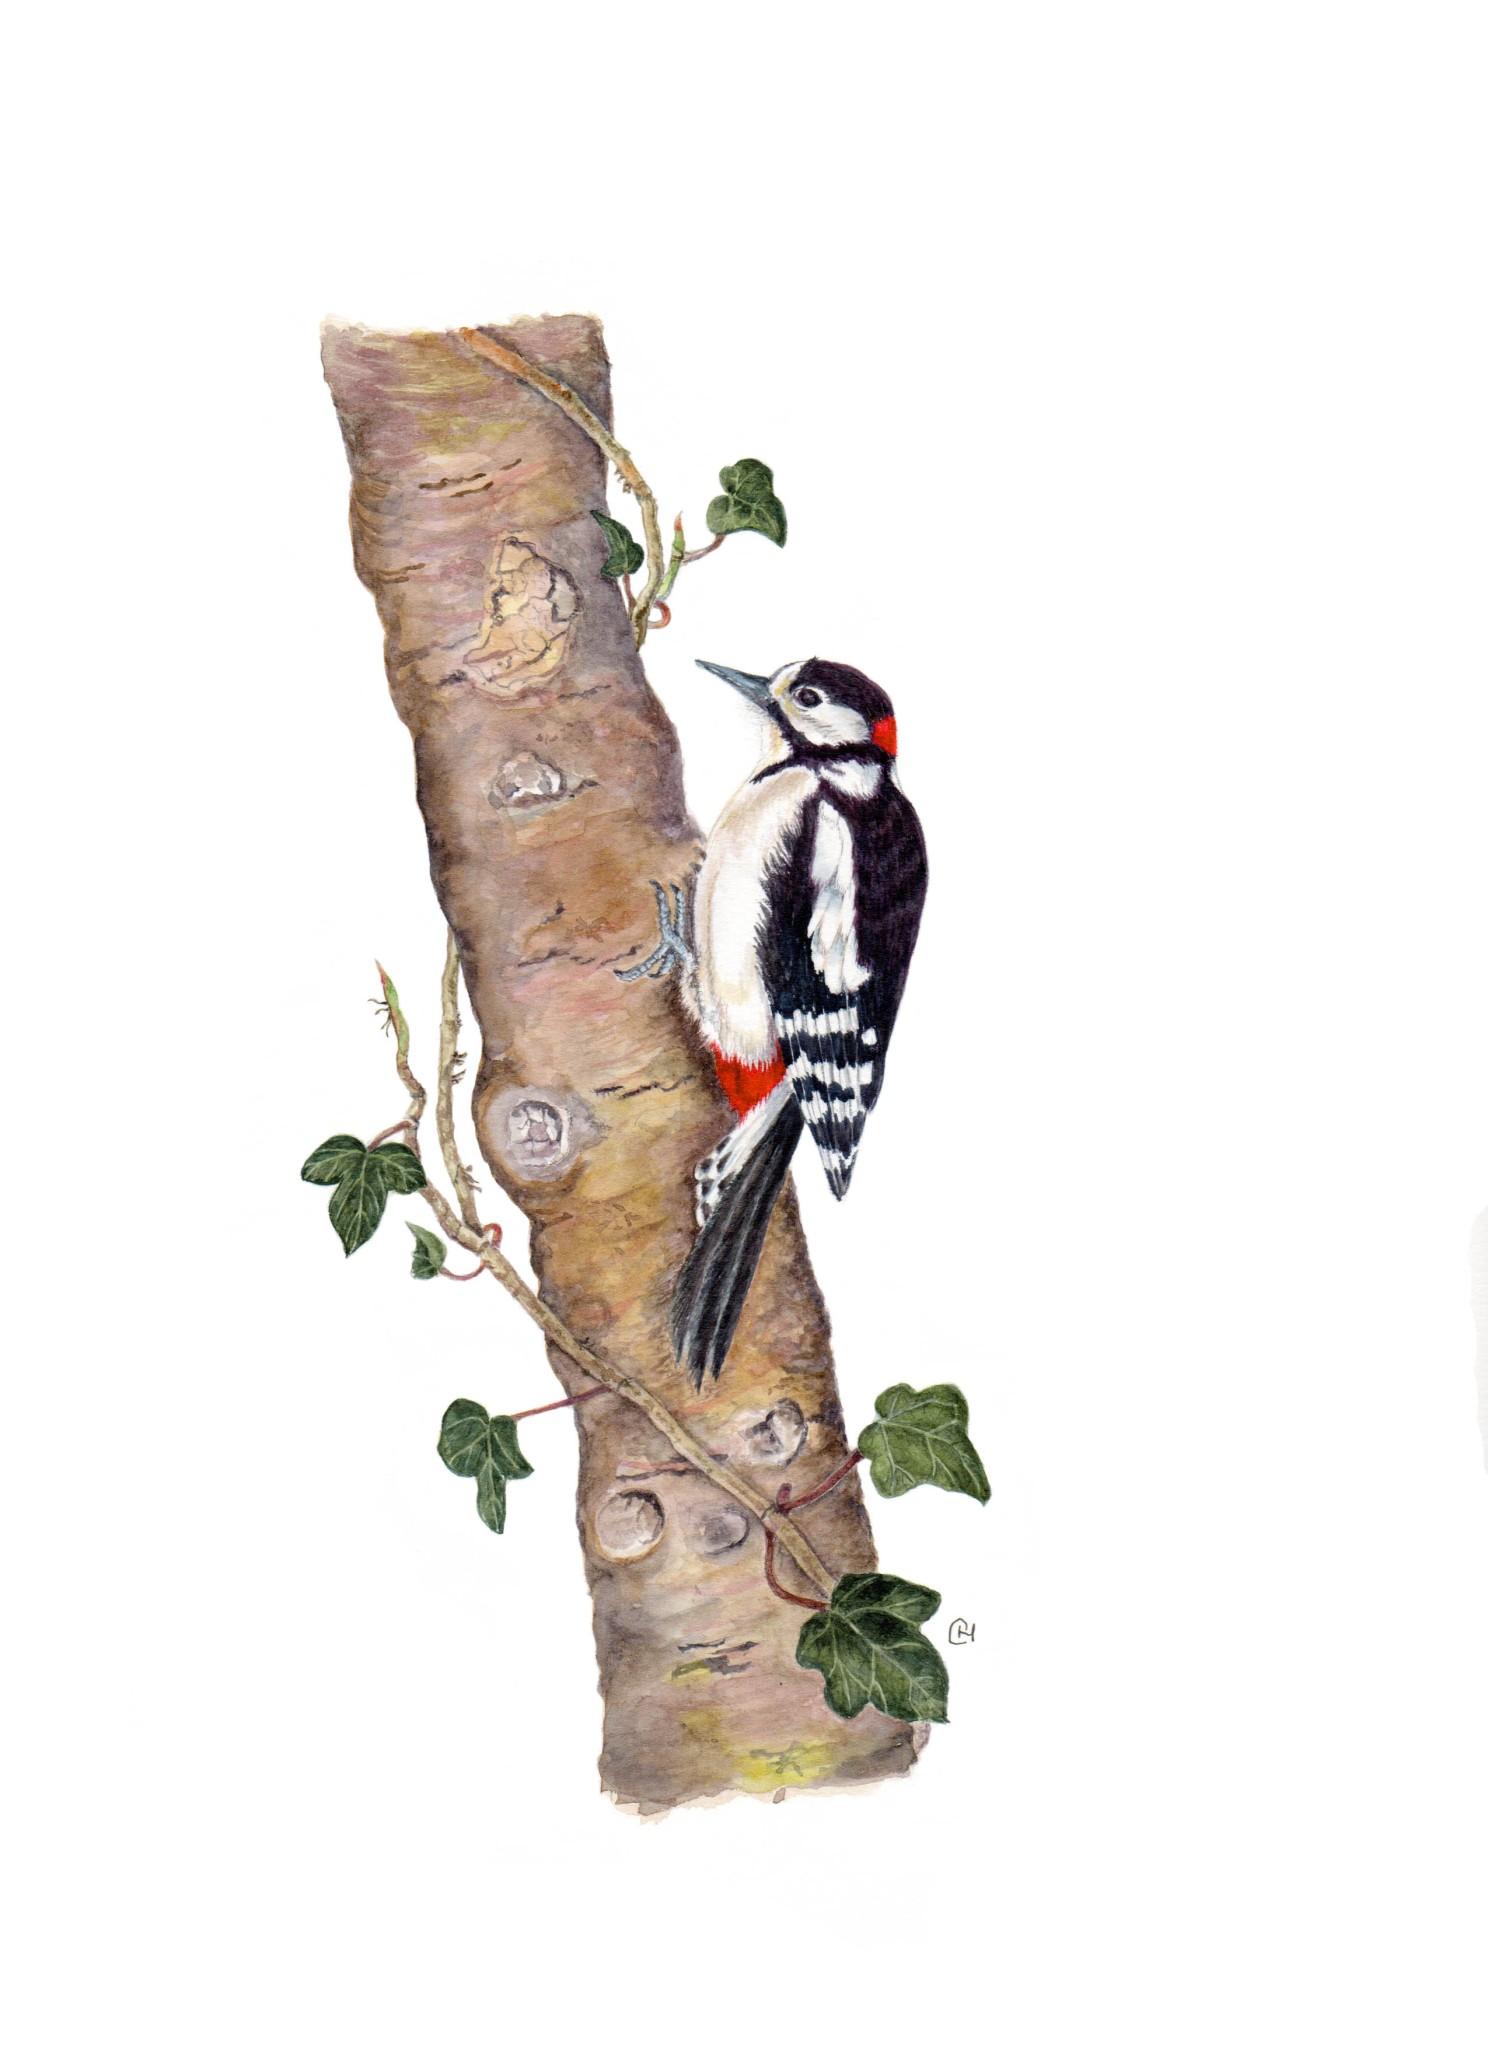 GS Woodpecker done